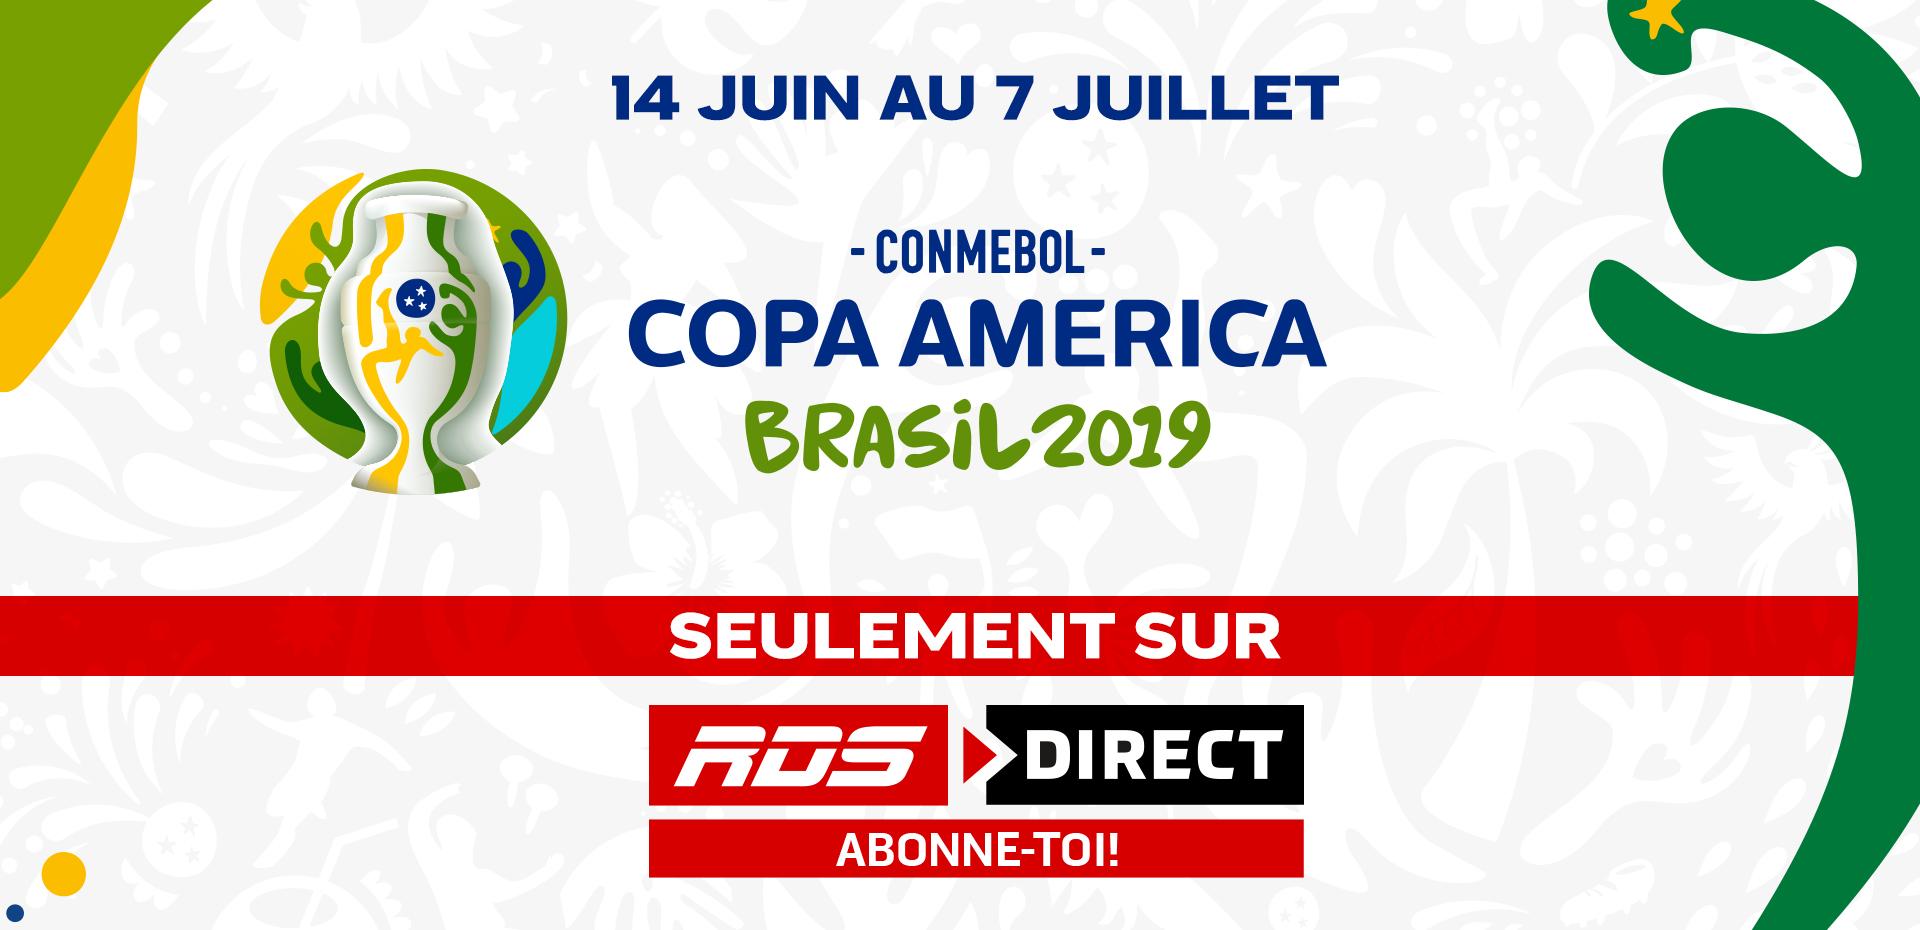 Copa America Calendrier.Tous Les Matchs De La Copa America En Exclusivite Sur Rds